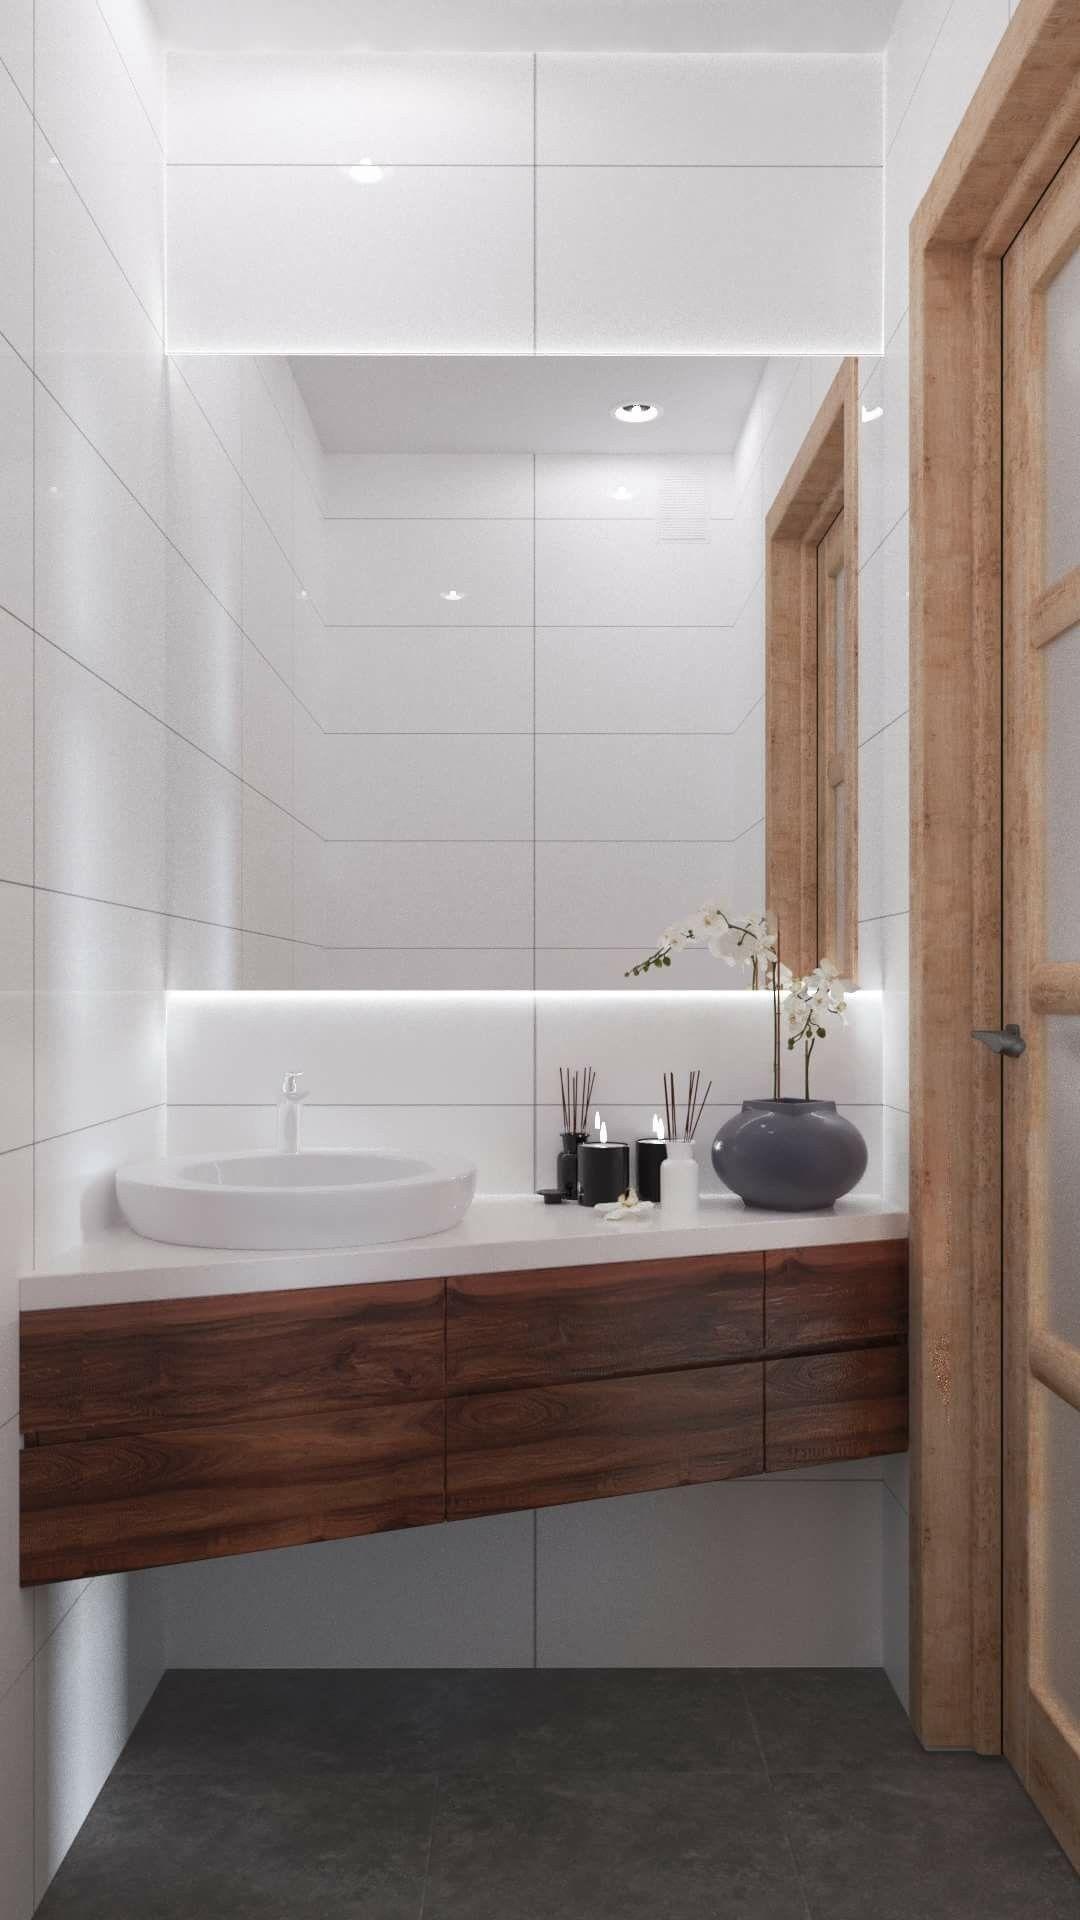 Pin De Lino Em Bathroom Ideias Para Casas De Banho Banheiros Modernos Decoracao Banheiro Pequeno